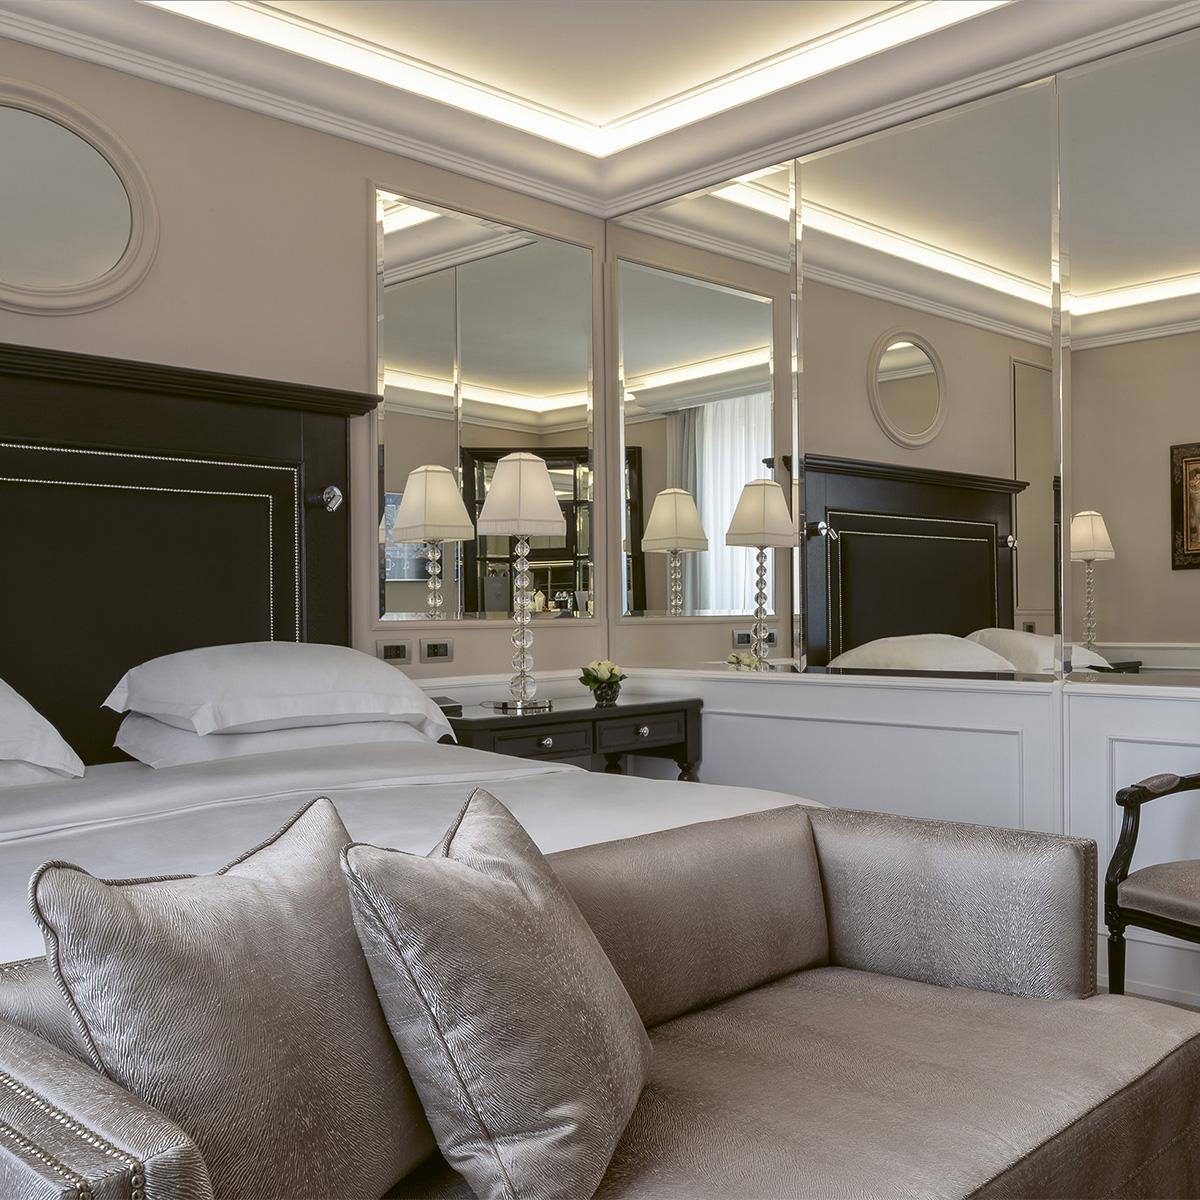 GRAN DELUXE DOUBLE ROOM